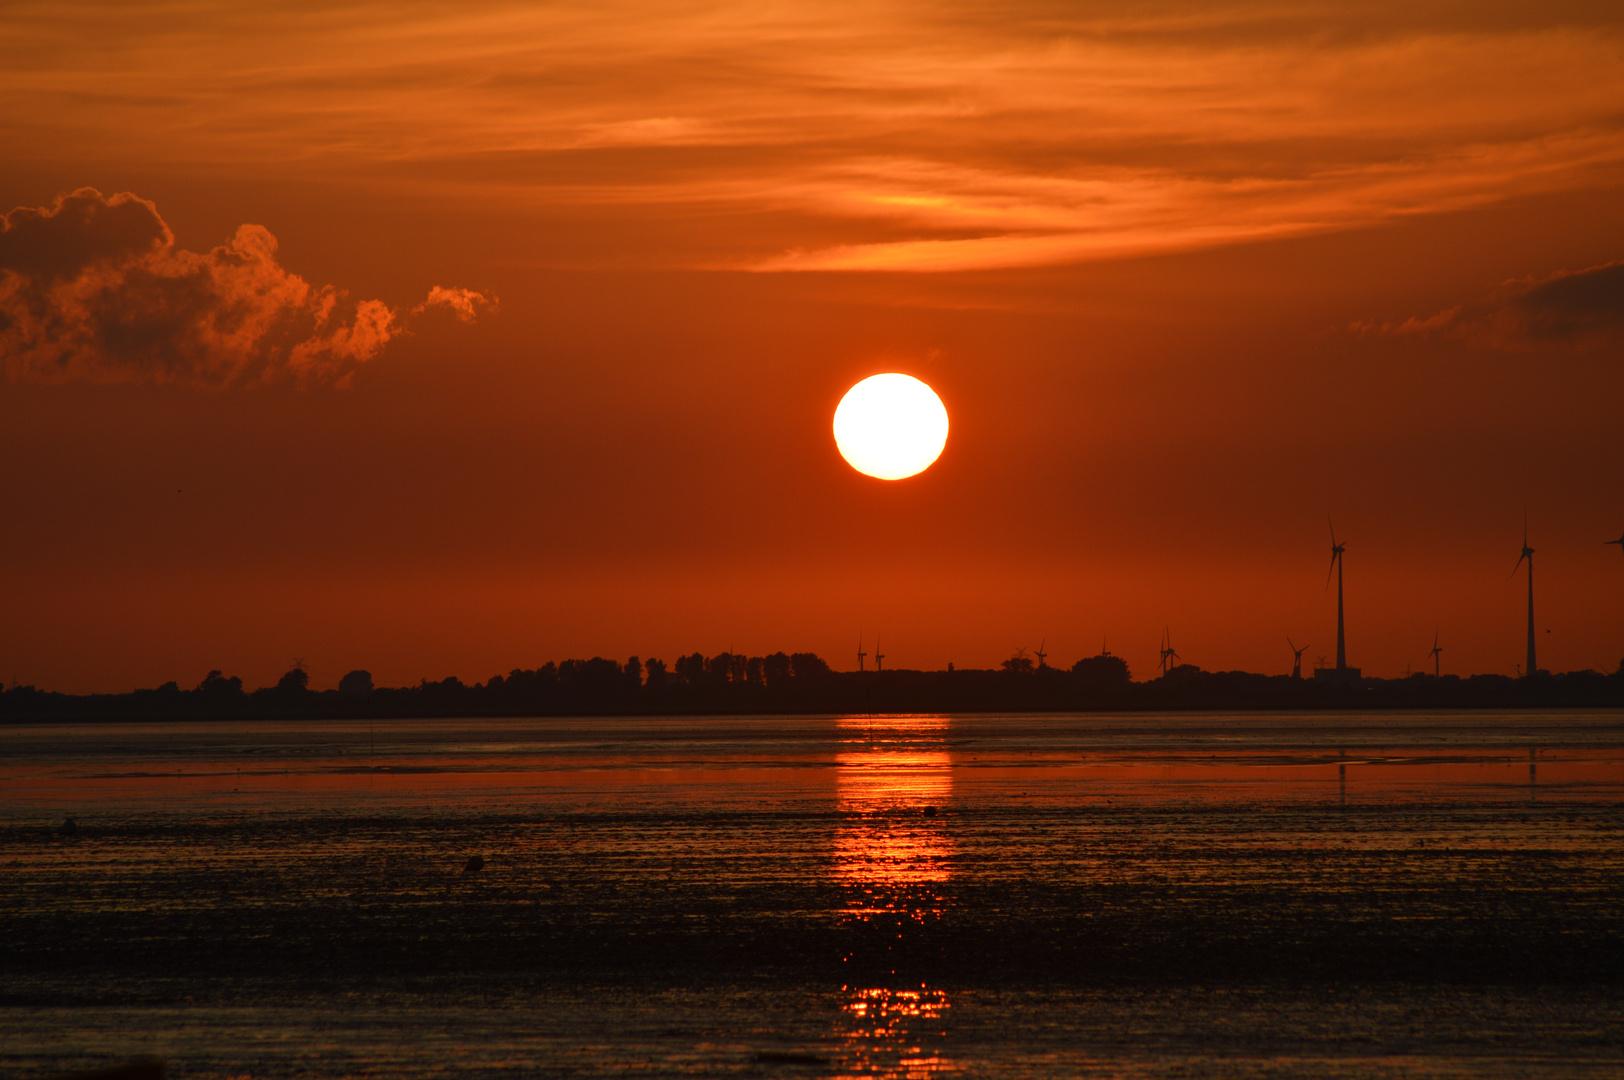 Sonnenuntergang Dangast Sommer 2013